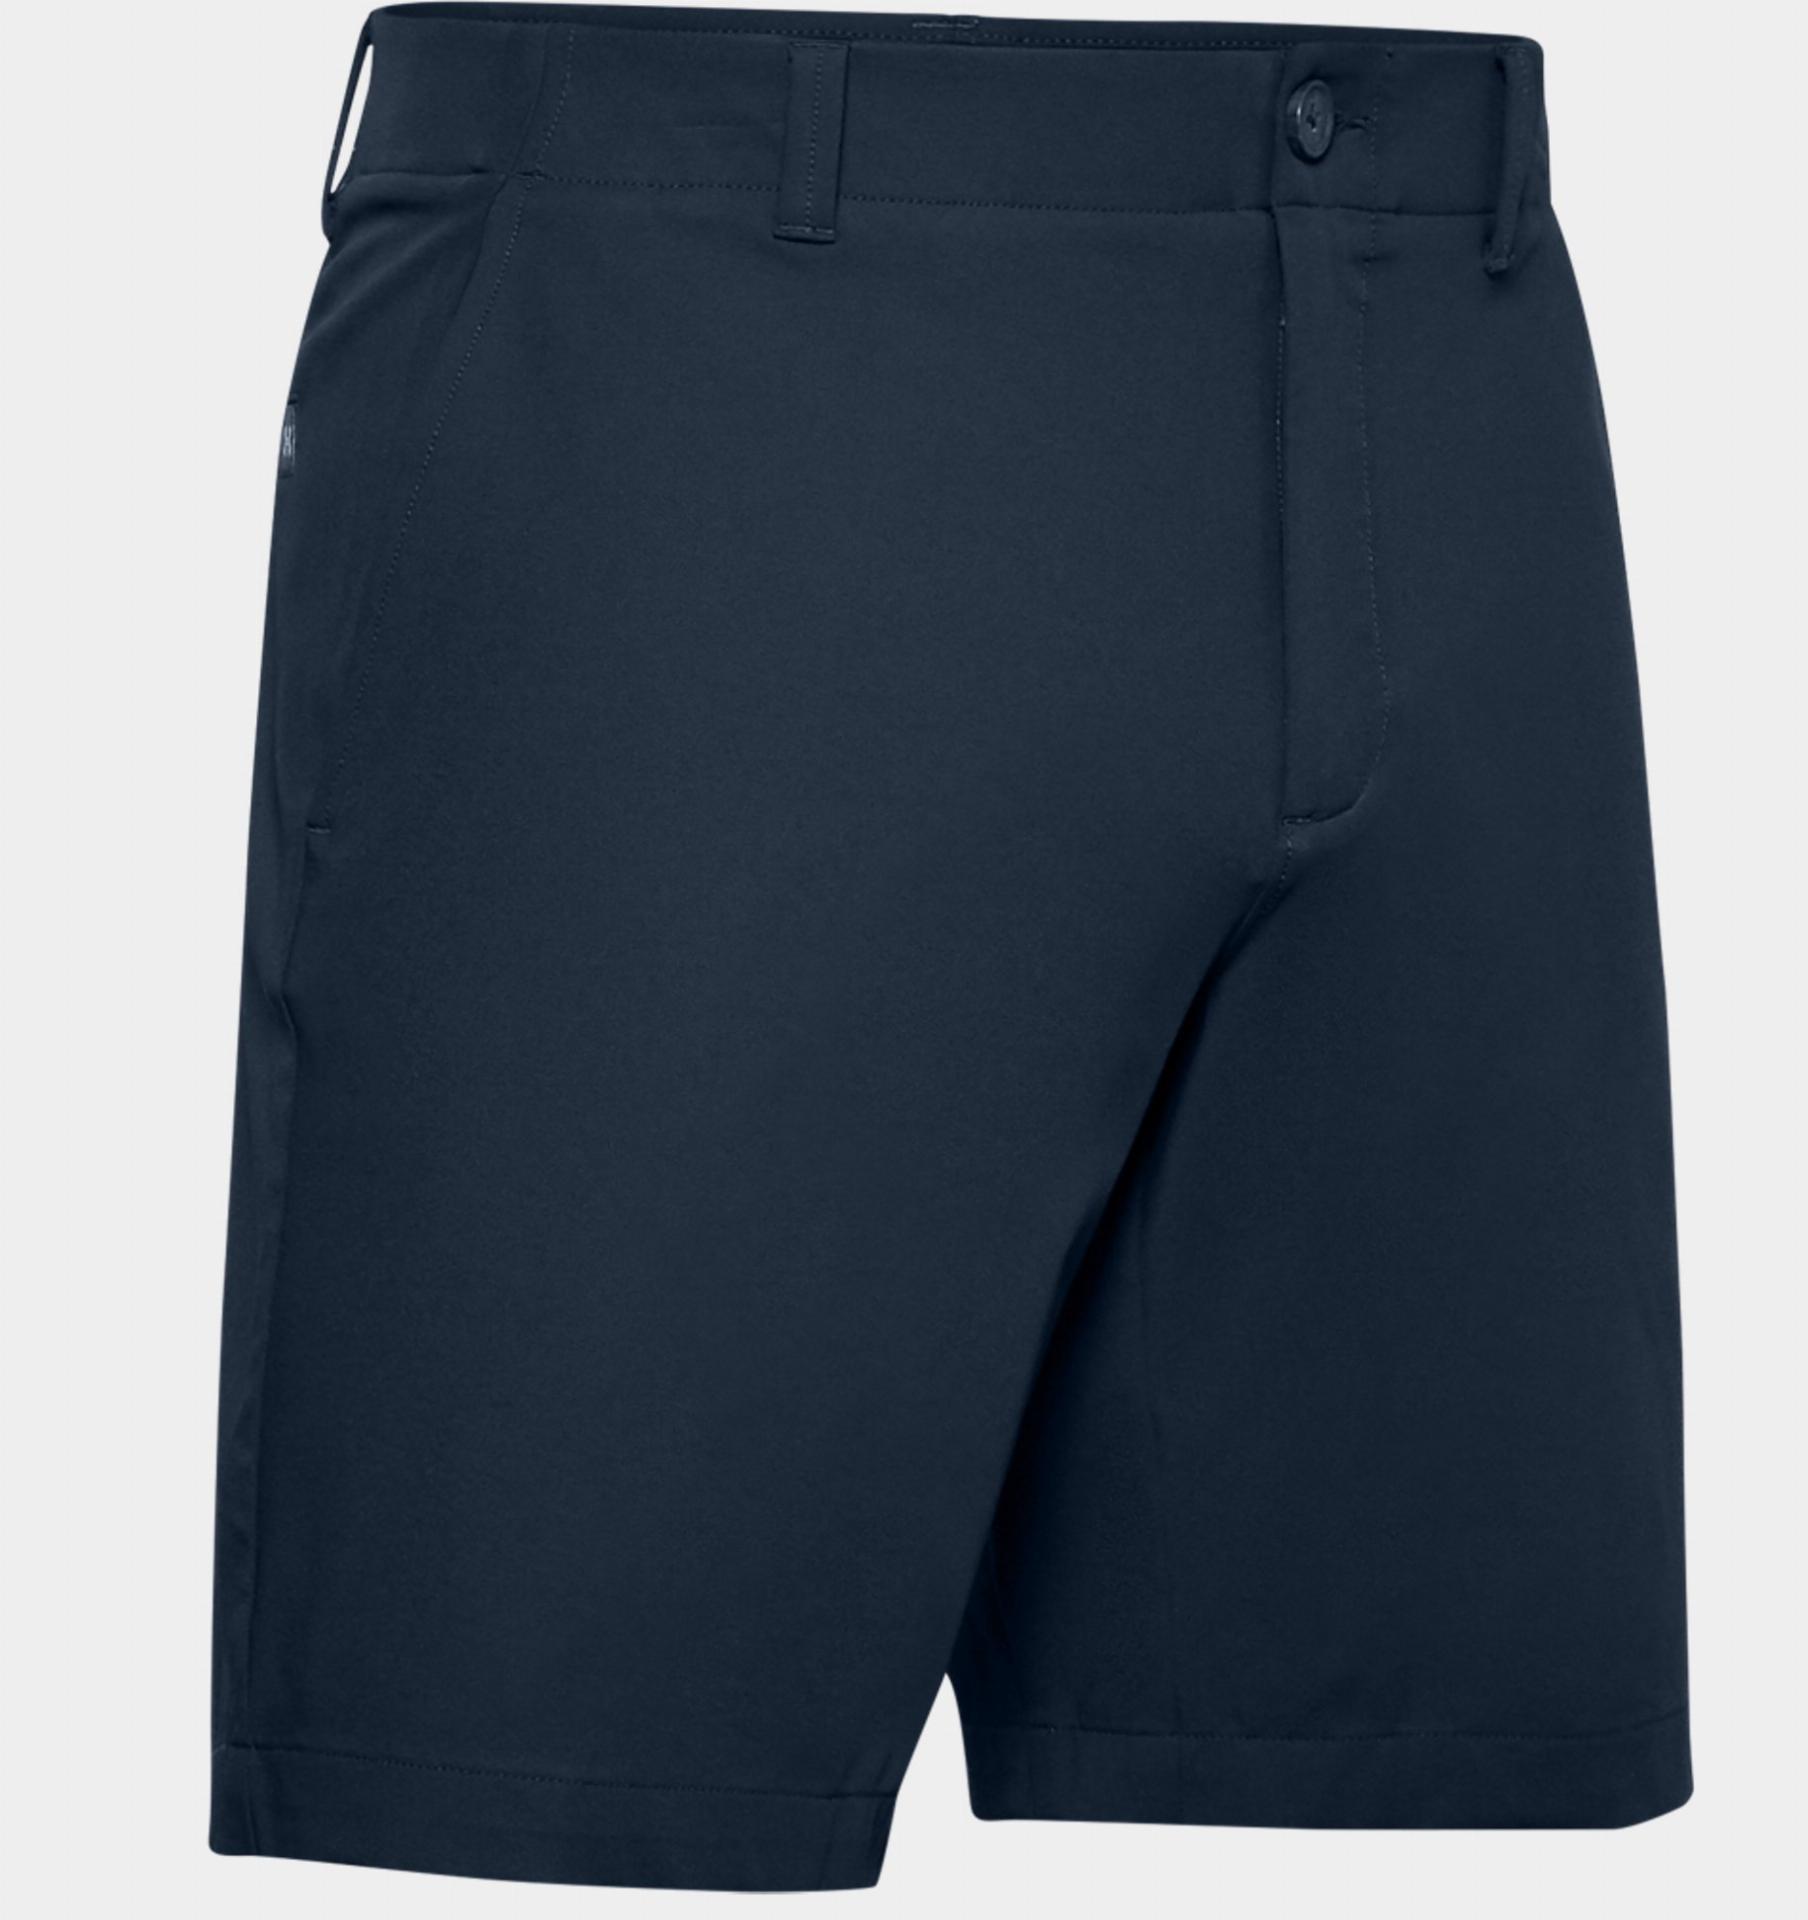 UA Iso-Chill Shorts, navy